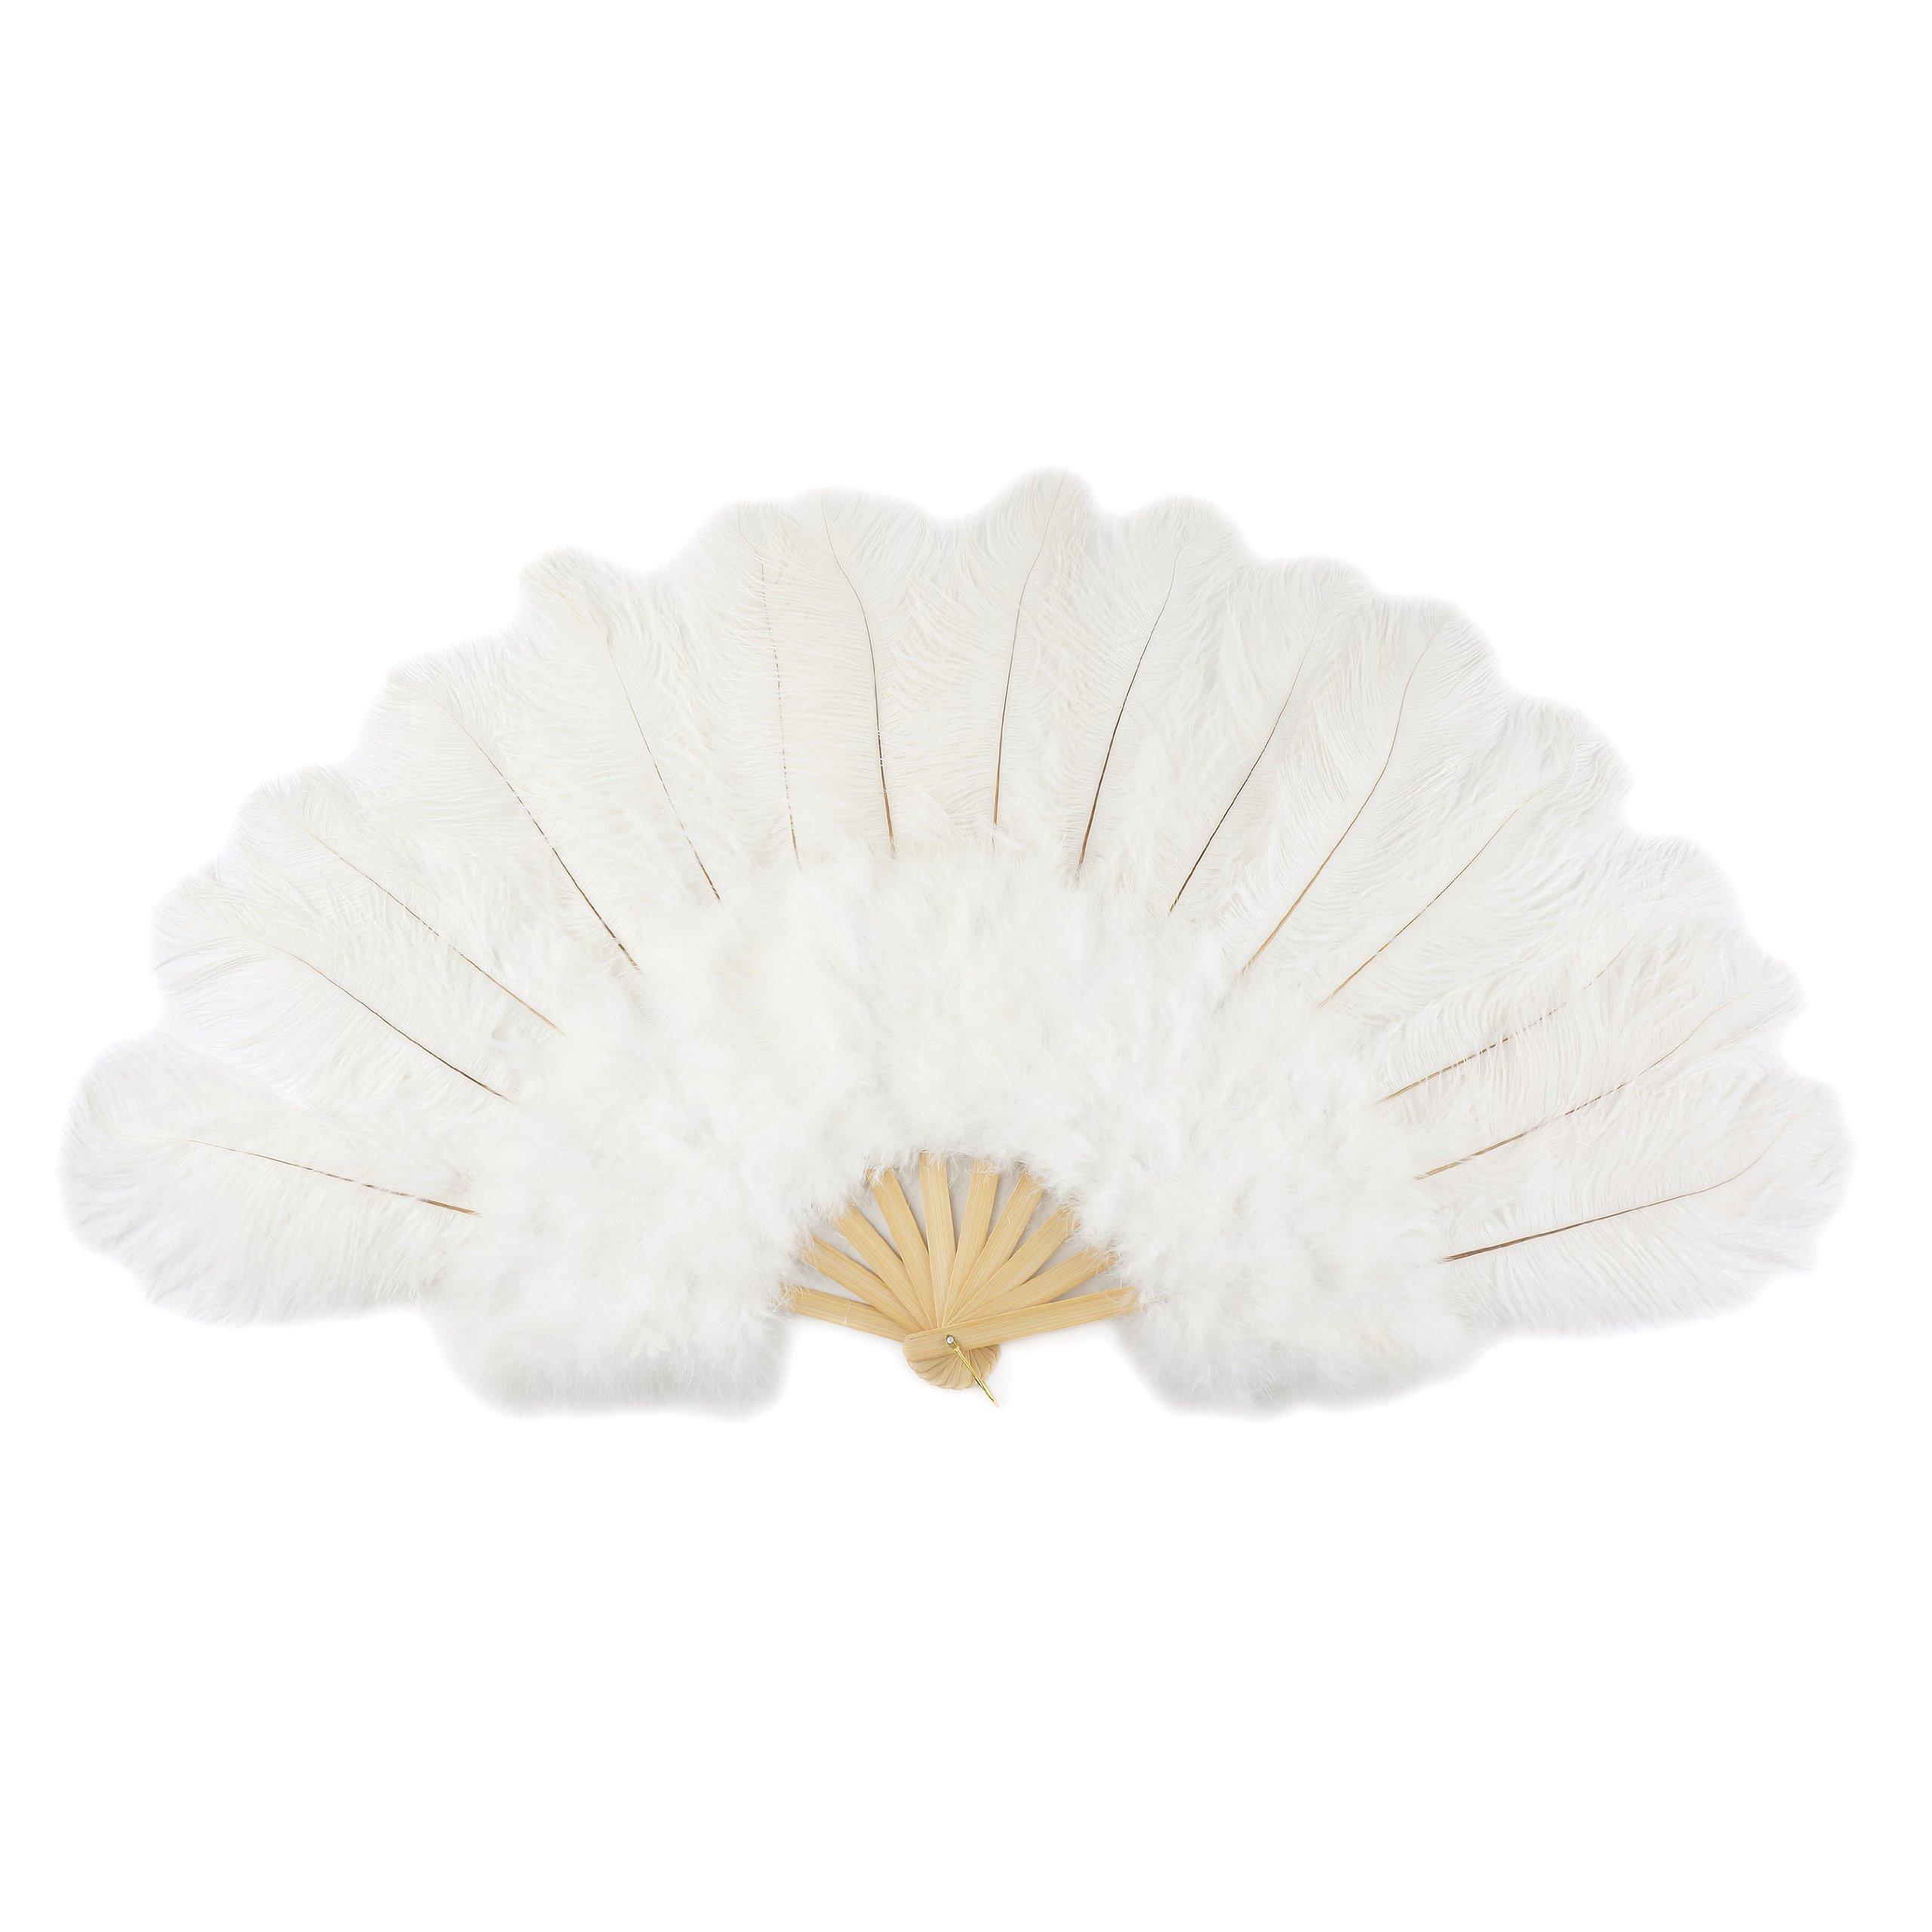 Large Ostrich Feather Hand Fan - White Flapper Folding Fan Dance Wedding Accessory